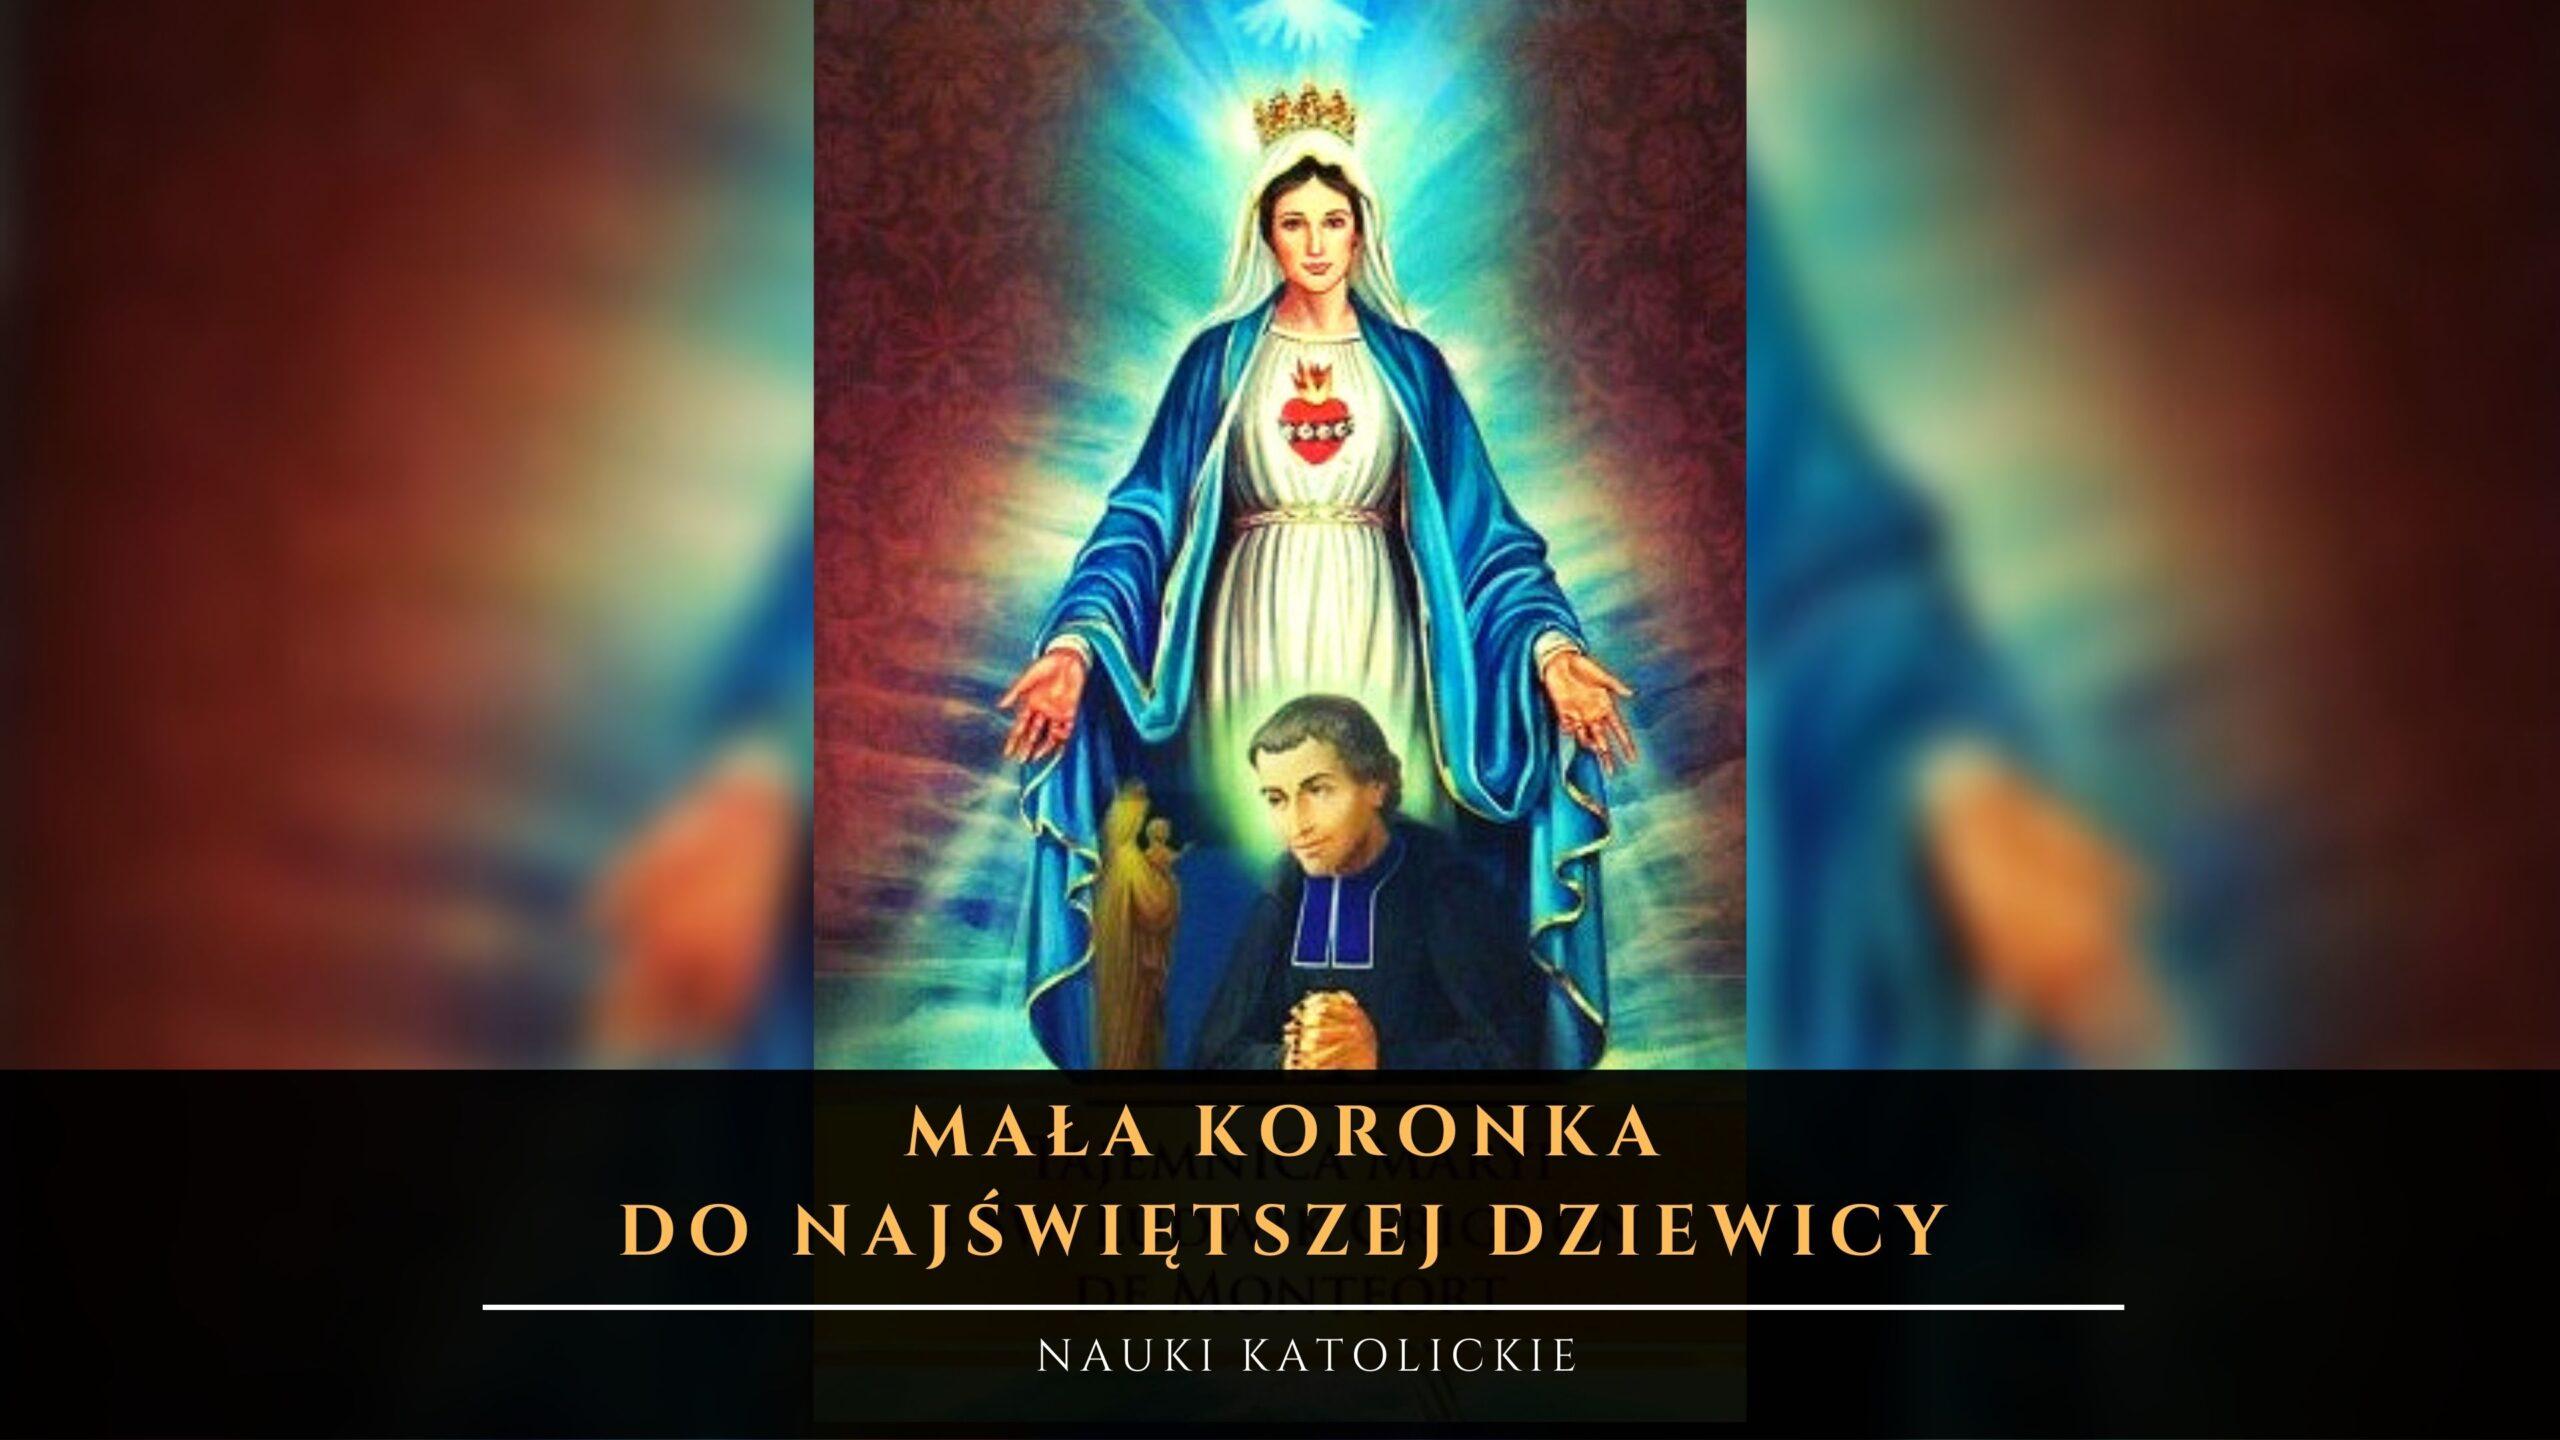 Mała Koronka do Najświętszej Dziewicy Ludwik Maria Grignion de Montfort